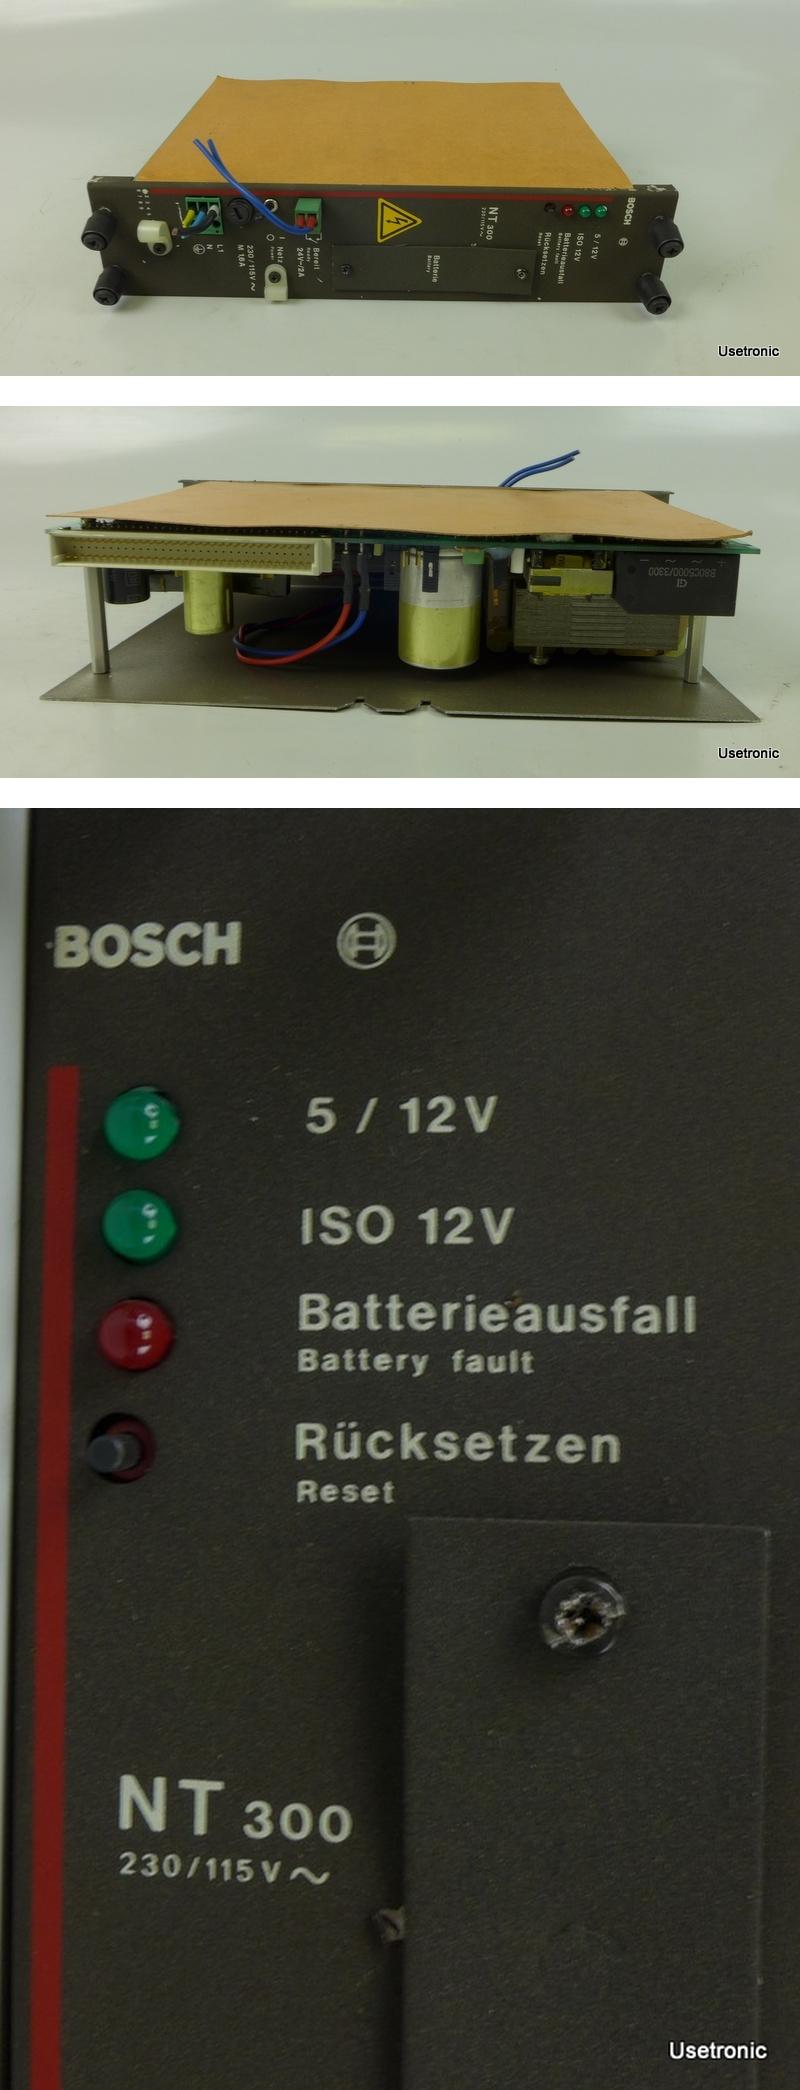 Bosch NT300